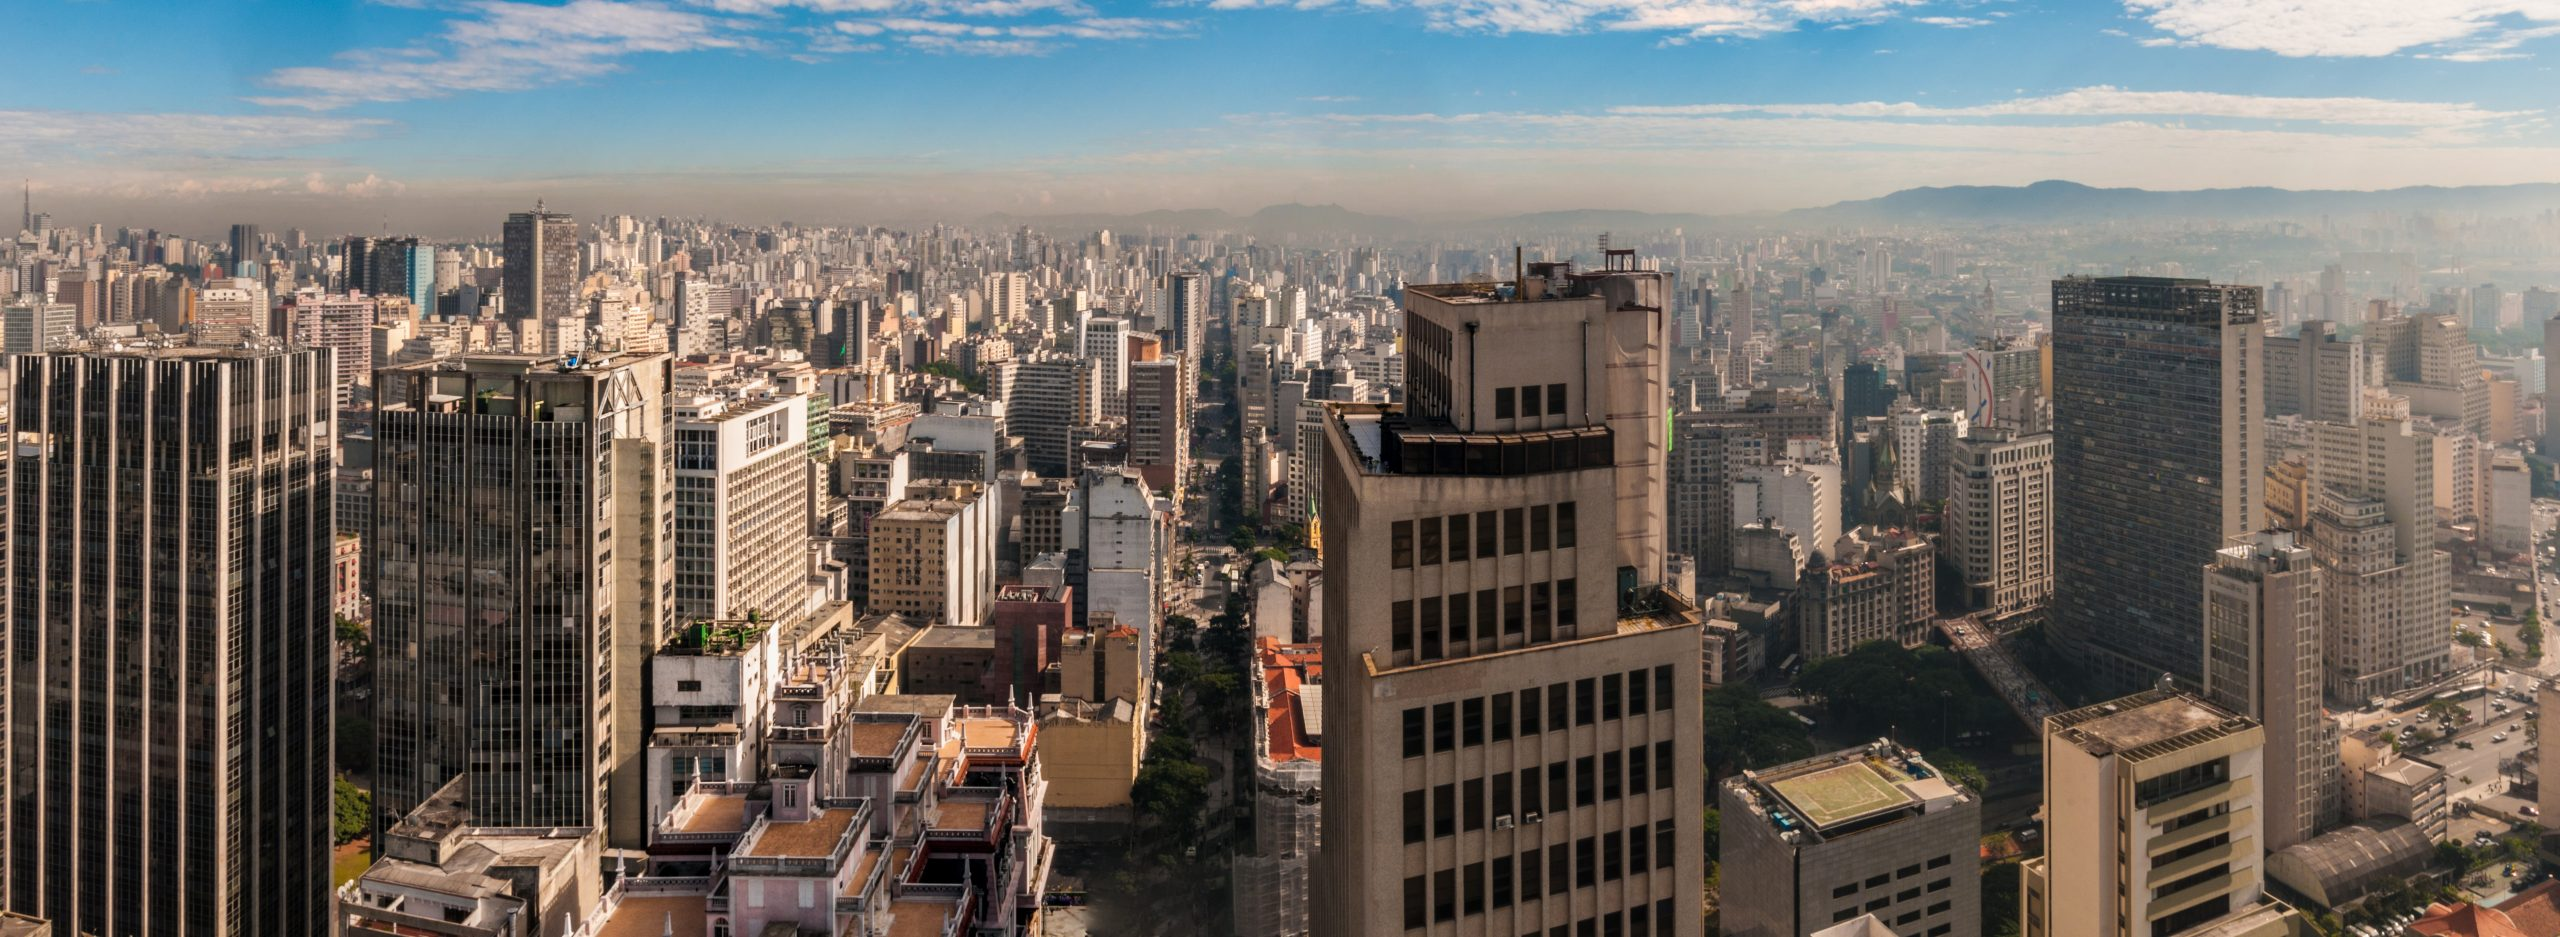 Governo de São Paulo estuda implementação de geração solar em oito mil prédios